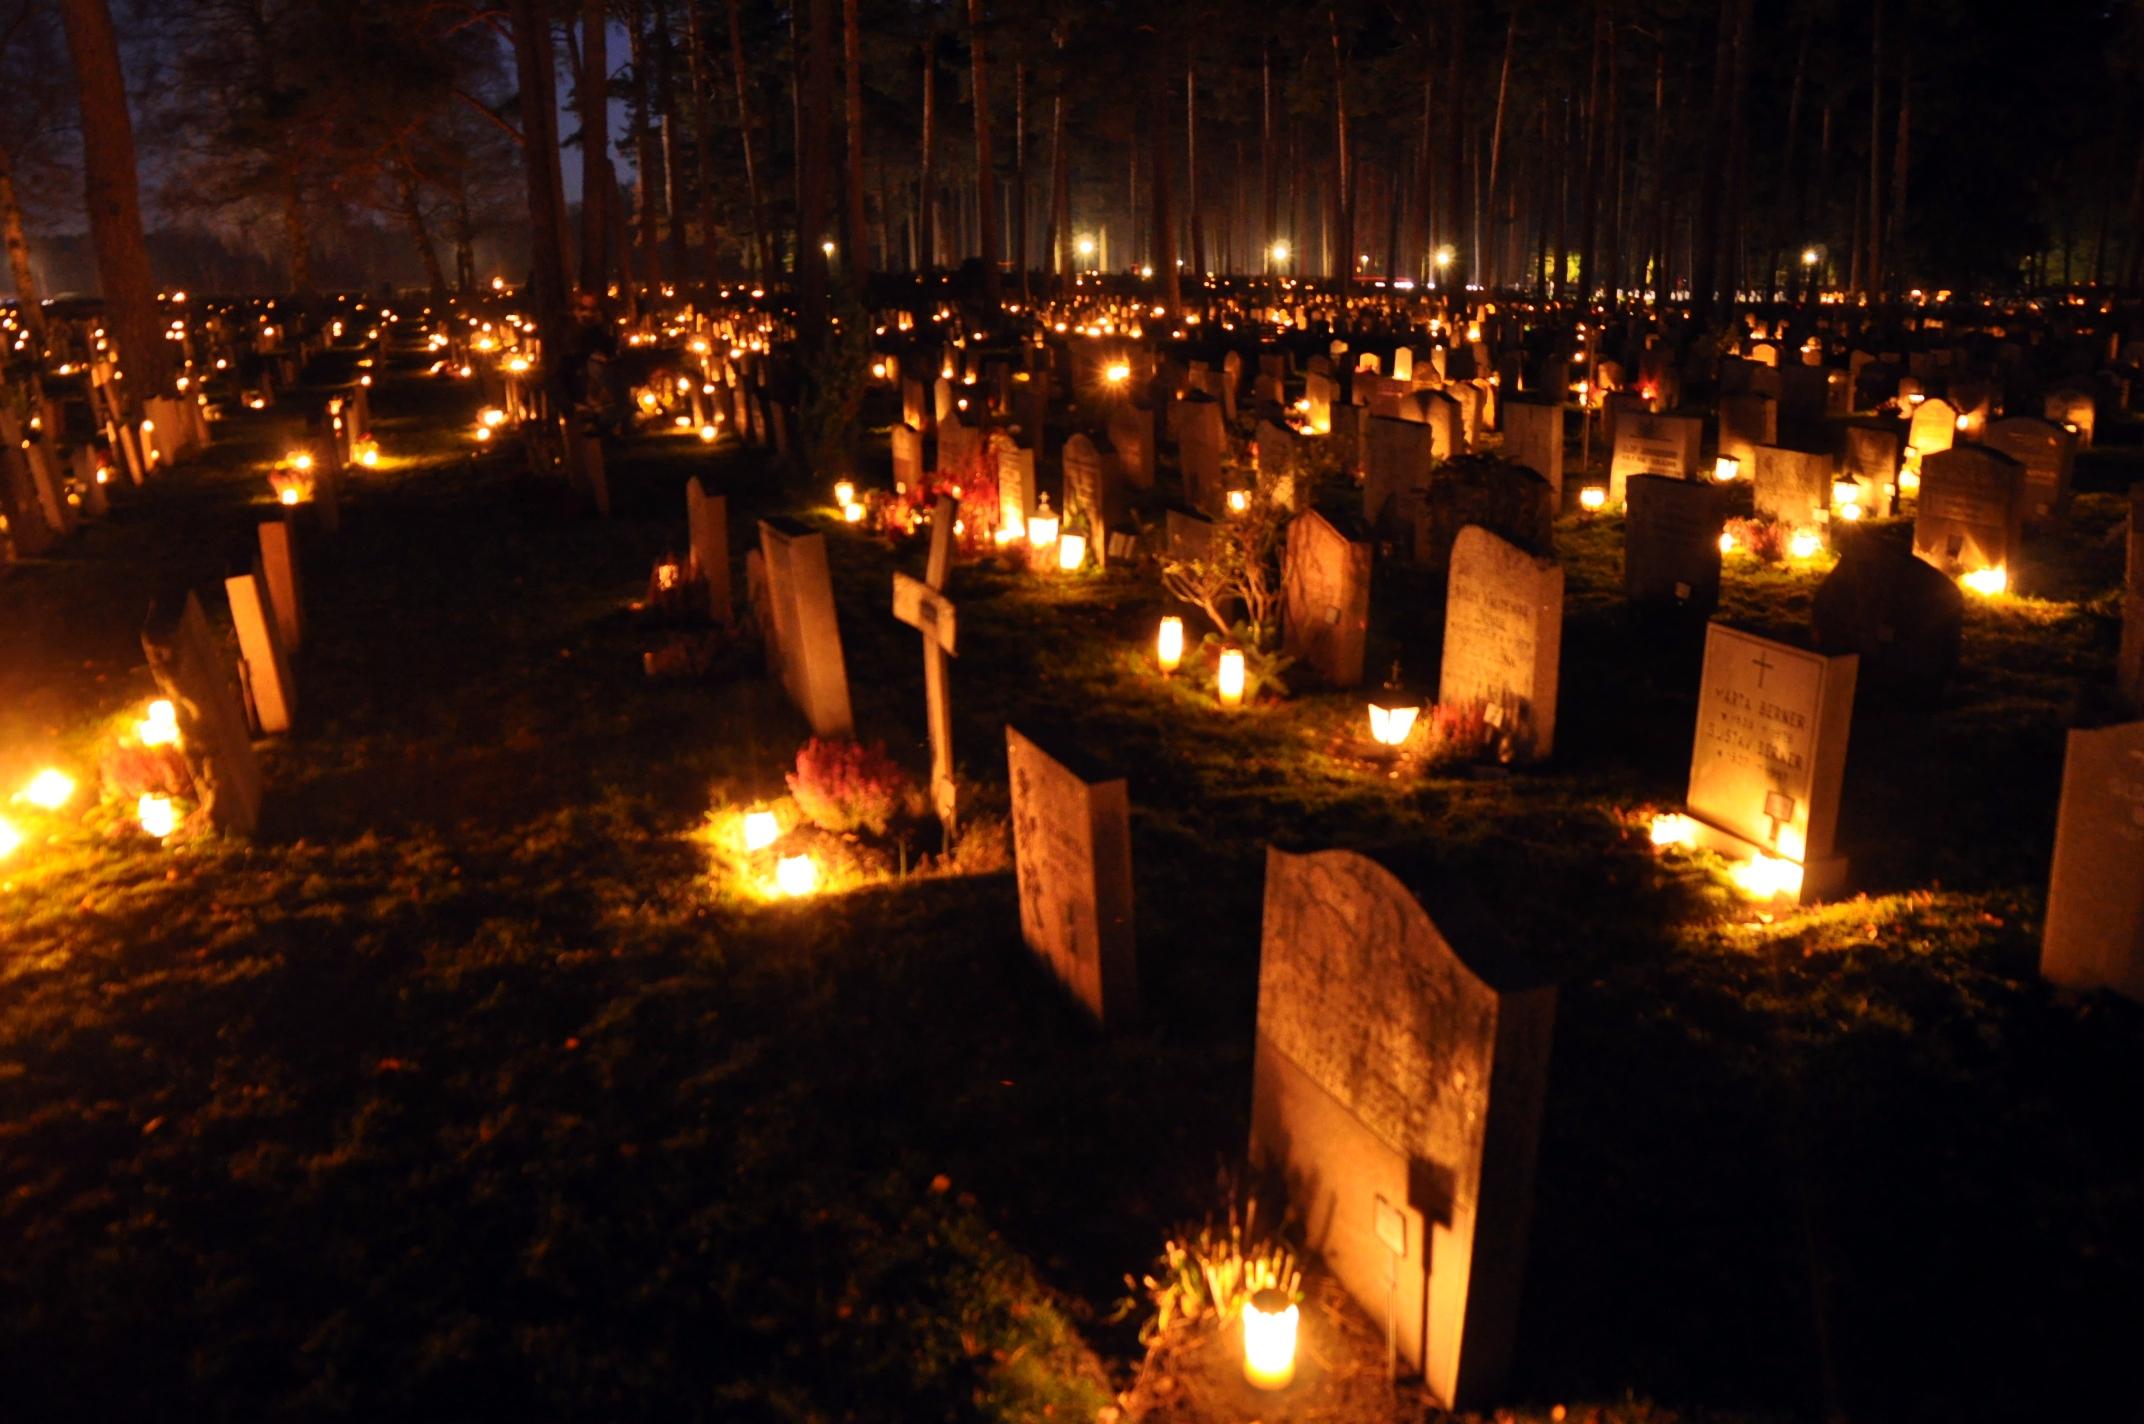 visu miruso pieminas diena